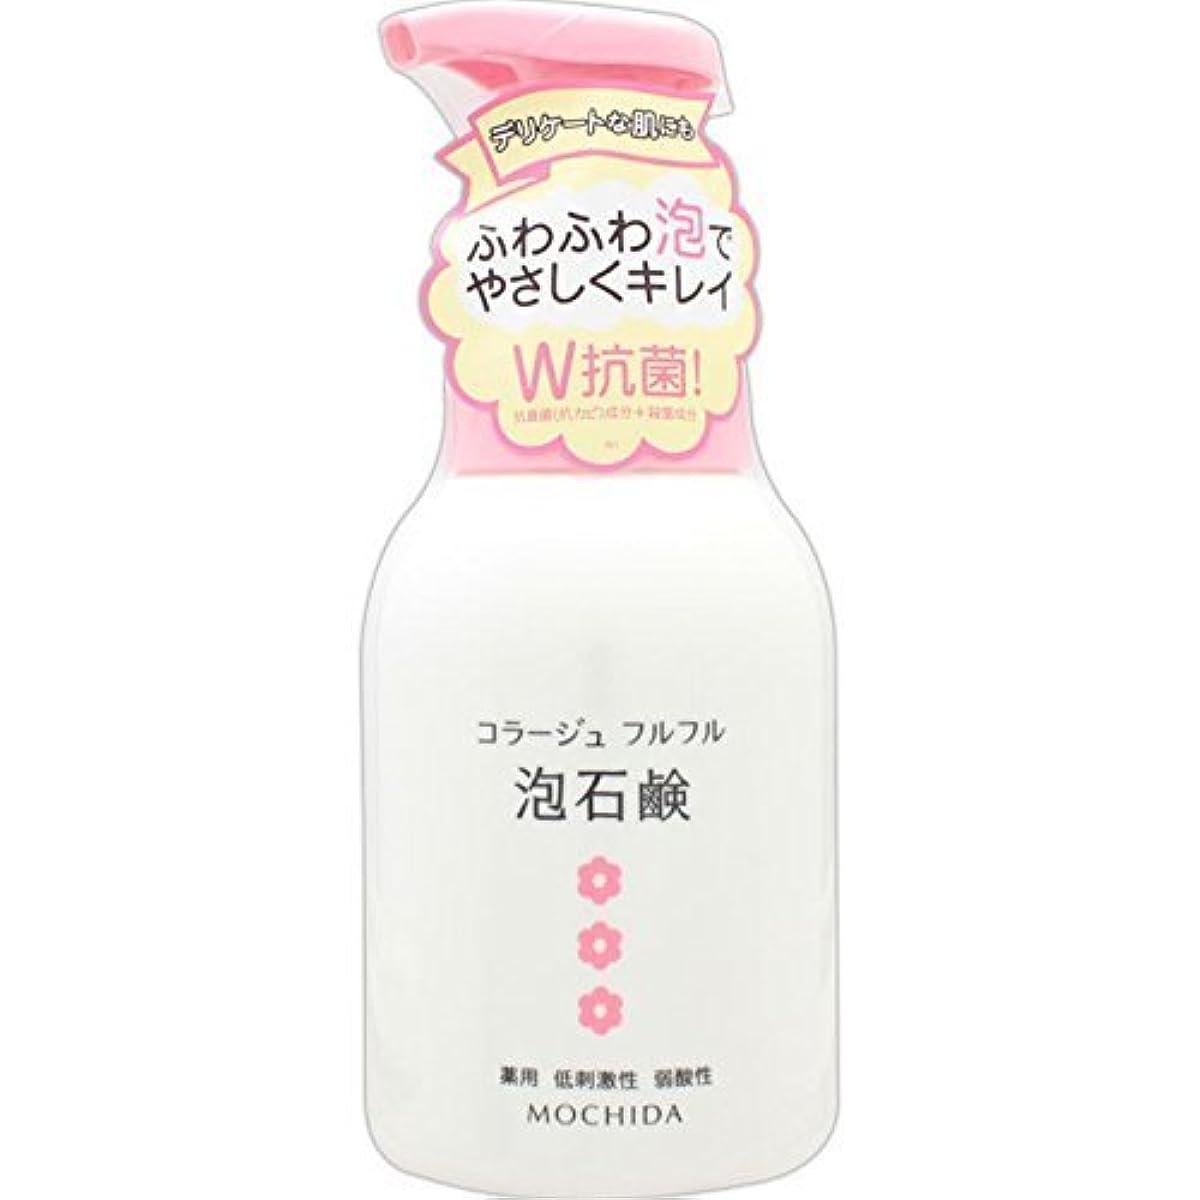 くつろぎ賭け伝染性のコラージュフルフル 泡石鹸 ピンク 300m L (医薬部外品) ×4